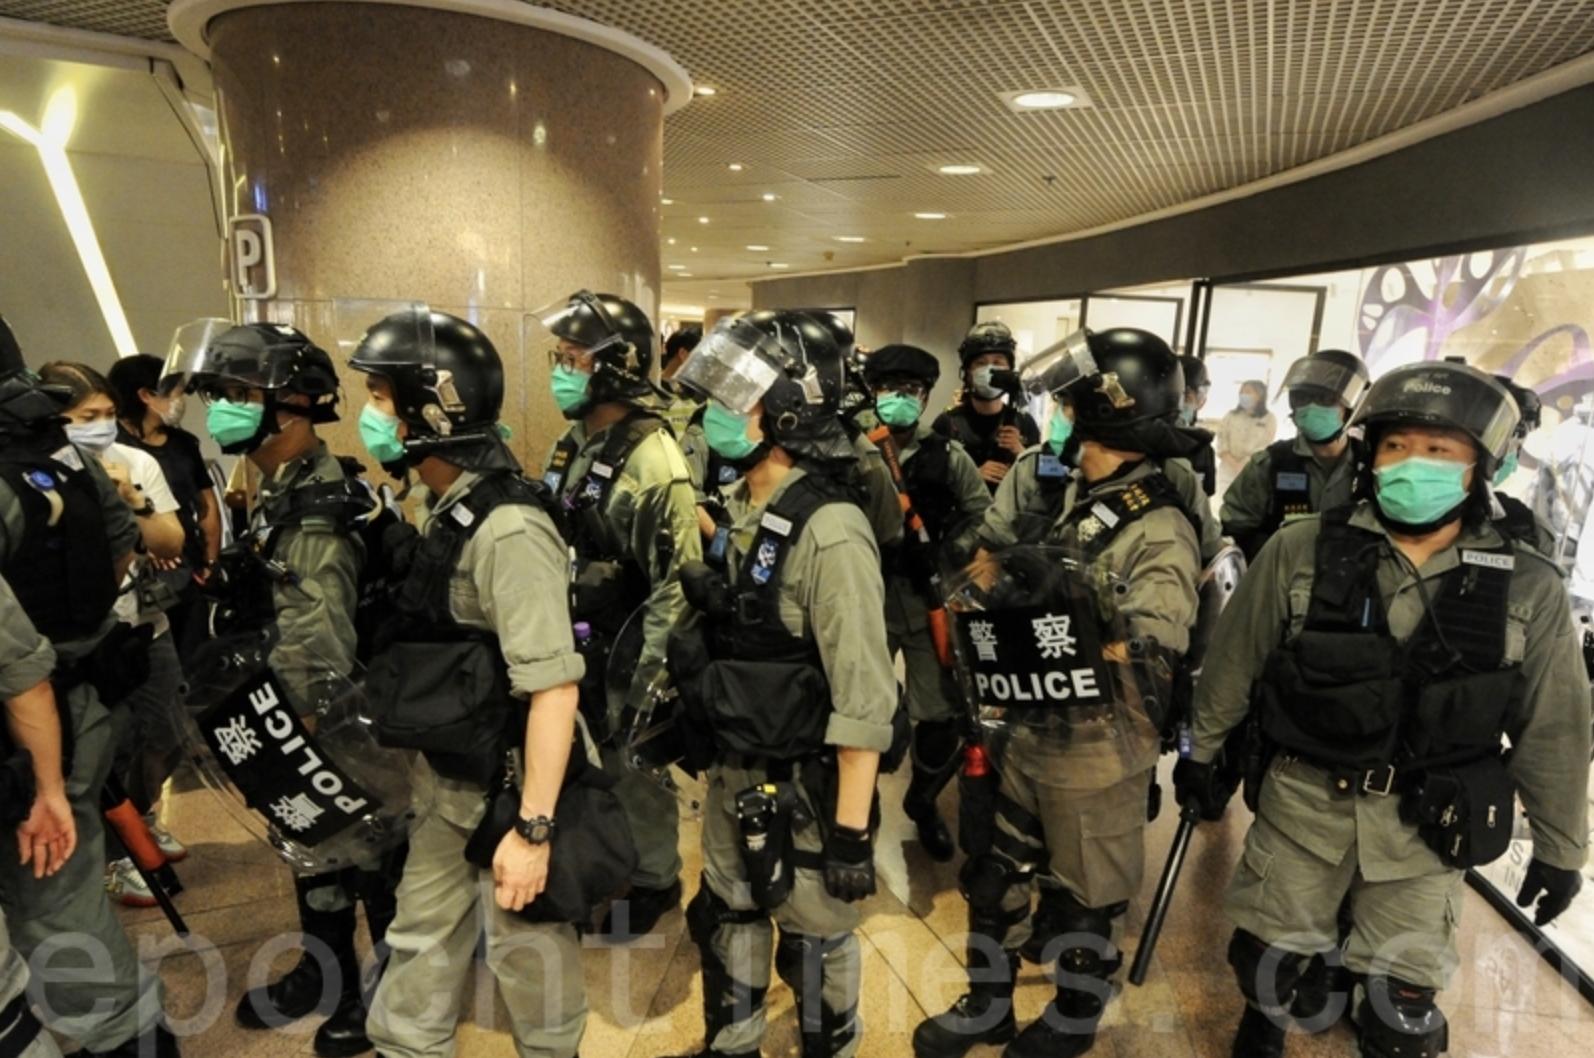 5月10日有網民發起母親節在多區商場「行街」,下午有大批防暴警察衝進海港城,沿商場長廊一直驅趕商場內的抗爭者。(大紀元圖片庫)